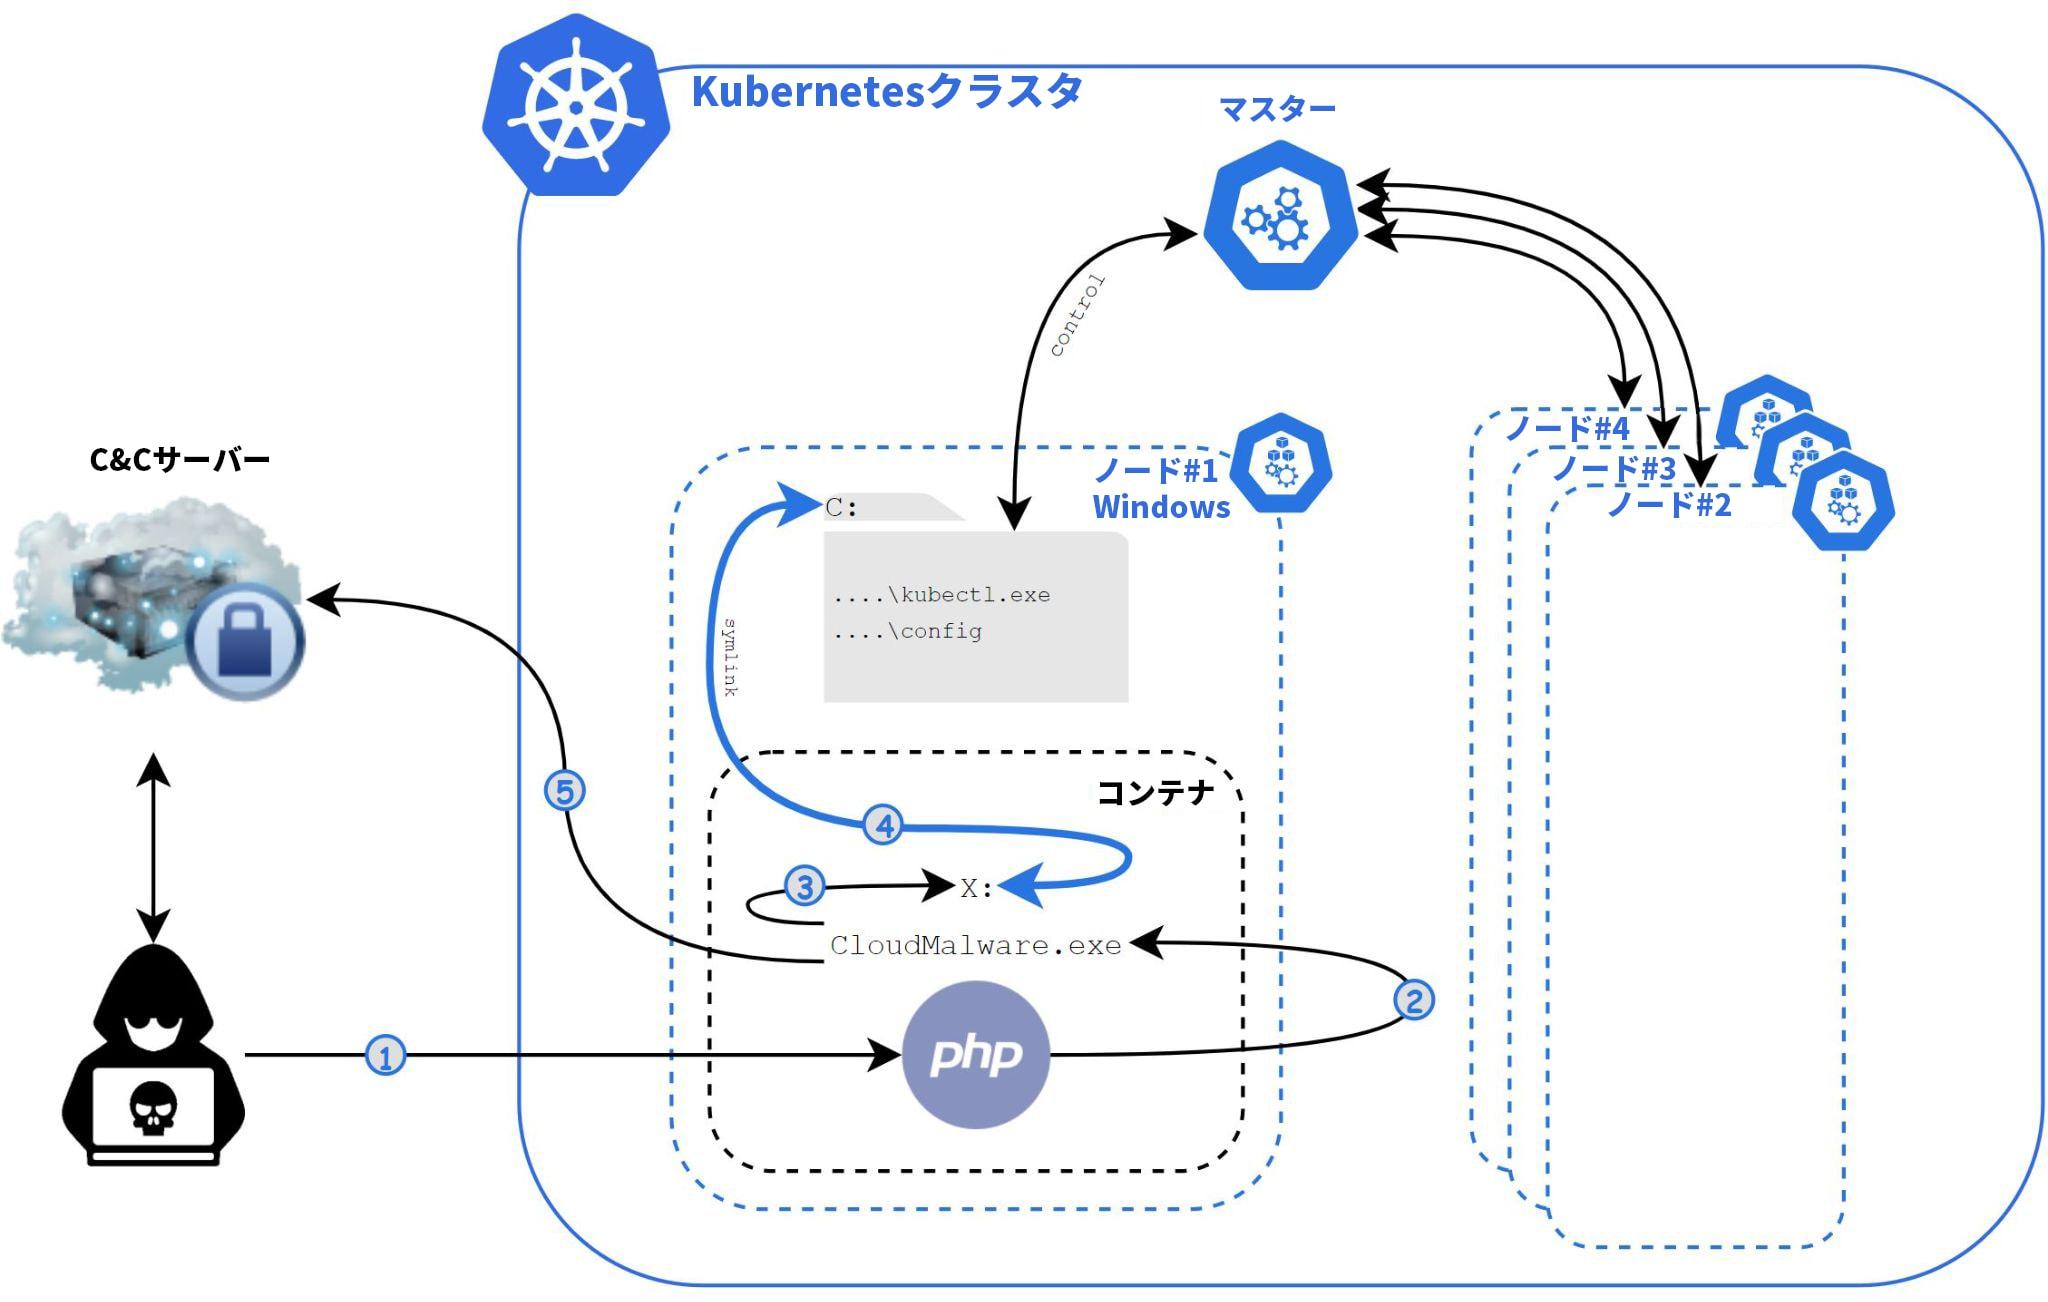 この図は、Siloscapeが実行され、Windowsコンテナを介して実行され、Kubernetesクラスタへのバックドアを開く手順を示しています。